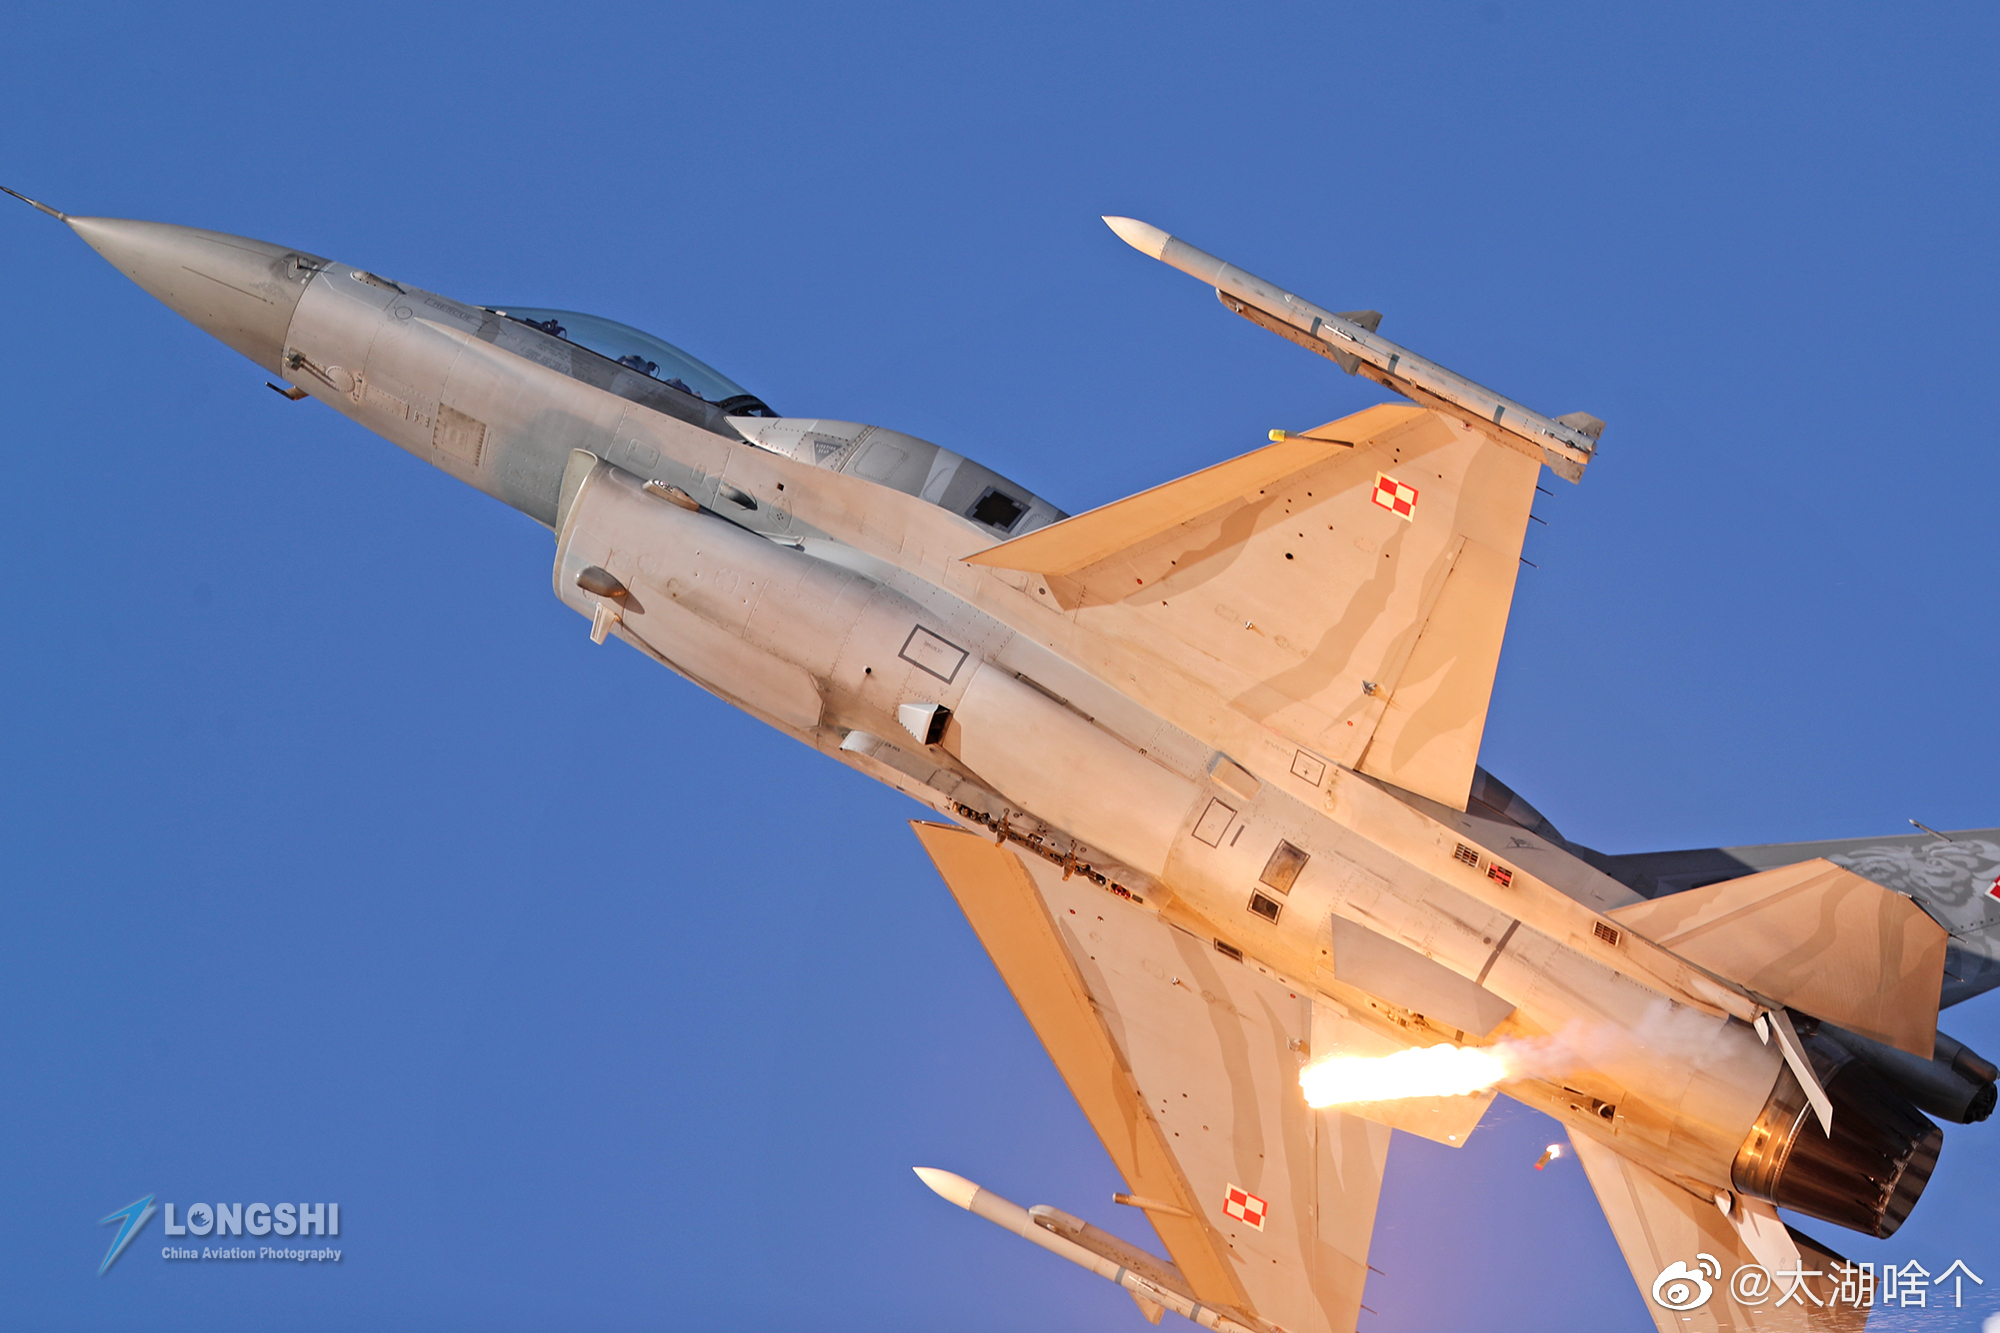 洛克希德马丁公司研制的F-16战隼战斗机是目前还在生产